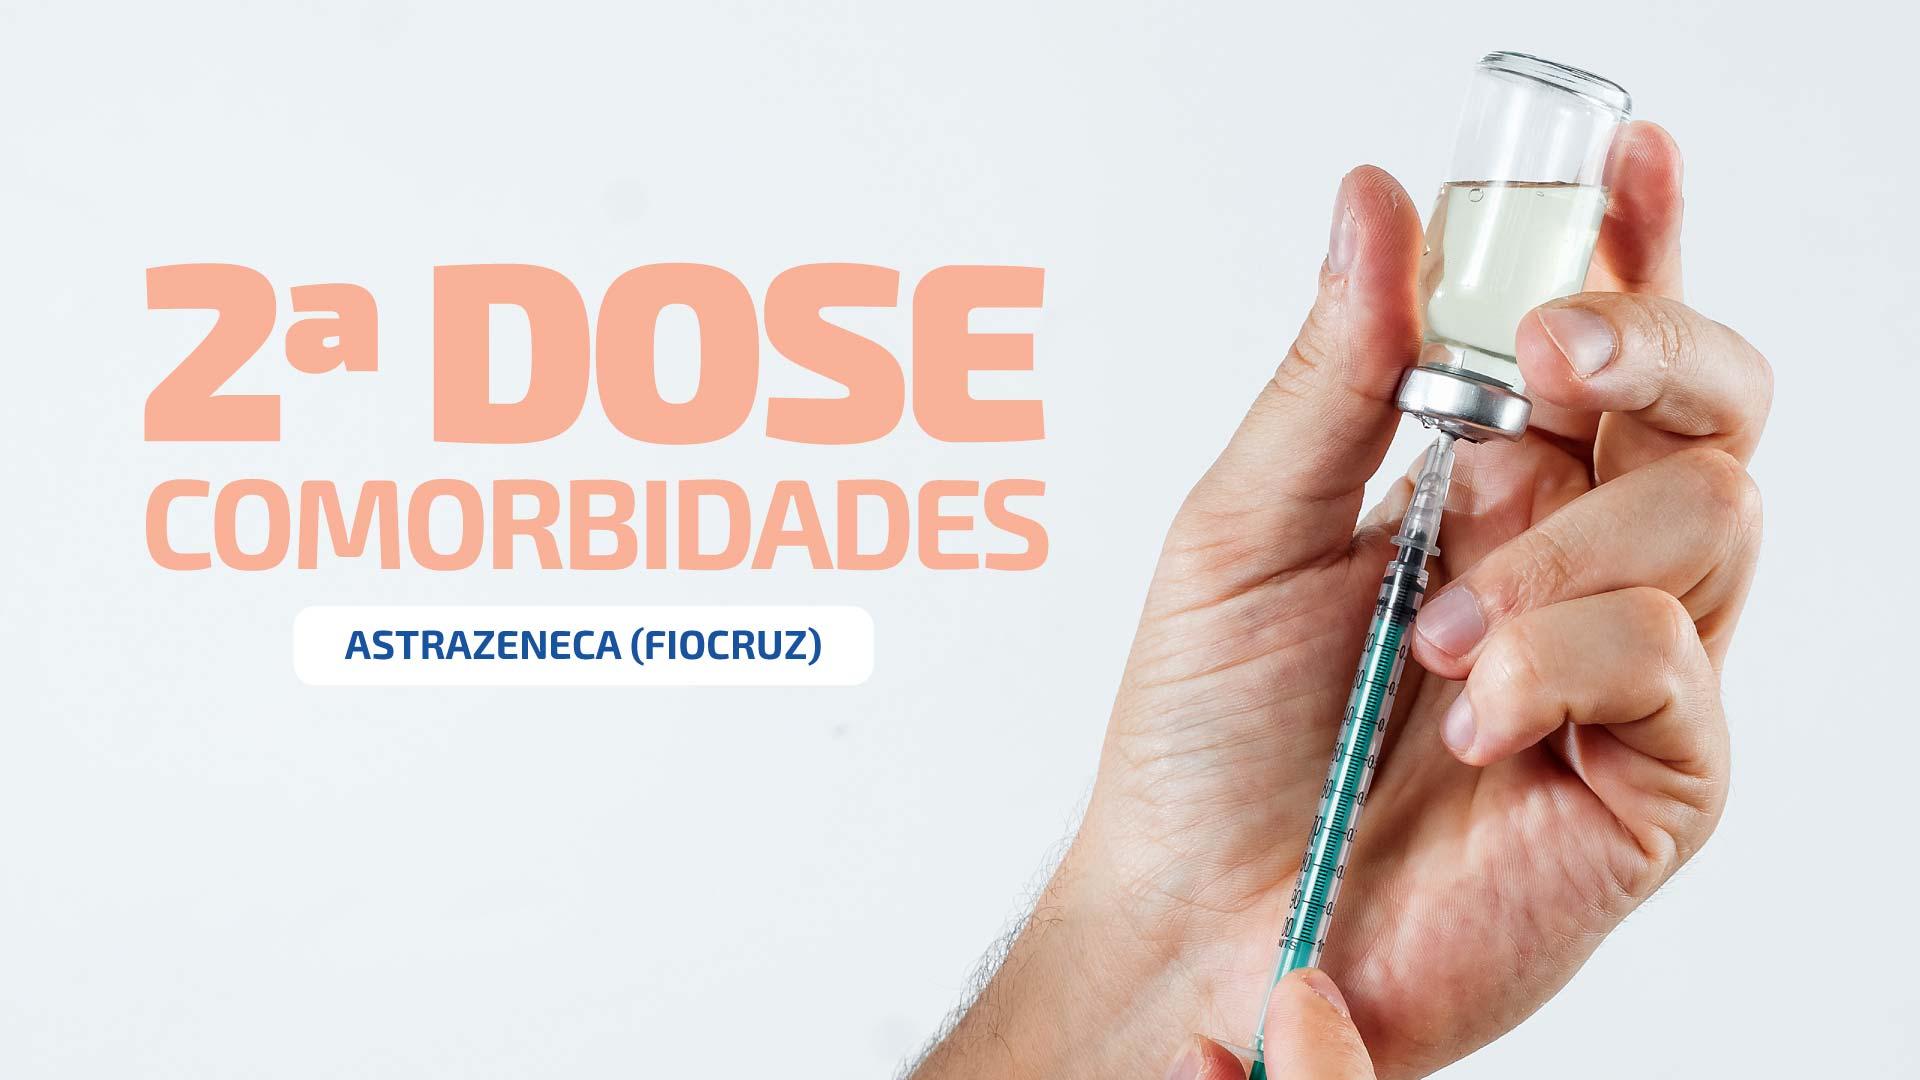 SEGUNDA DOSE - PESSOAS COM COMORBIDADES - VACINAÇÃO COVID-19